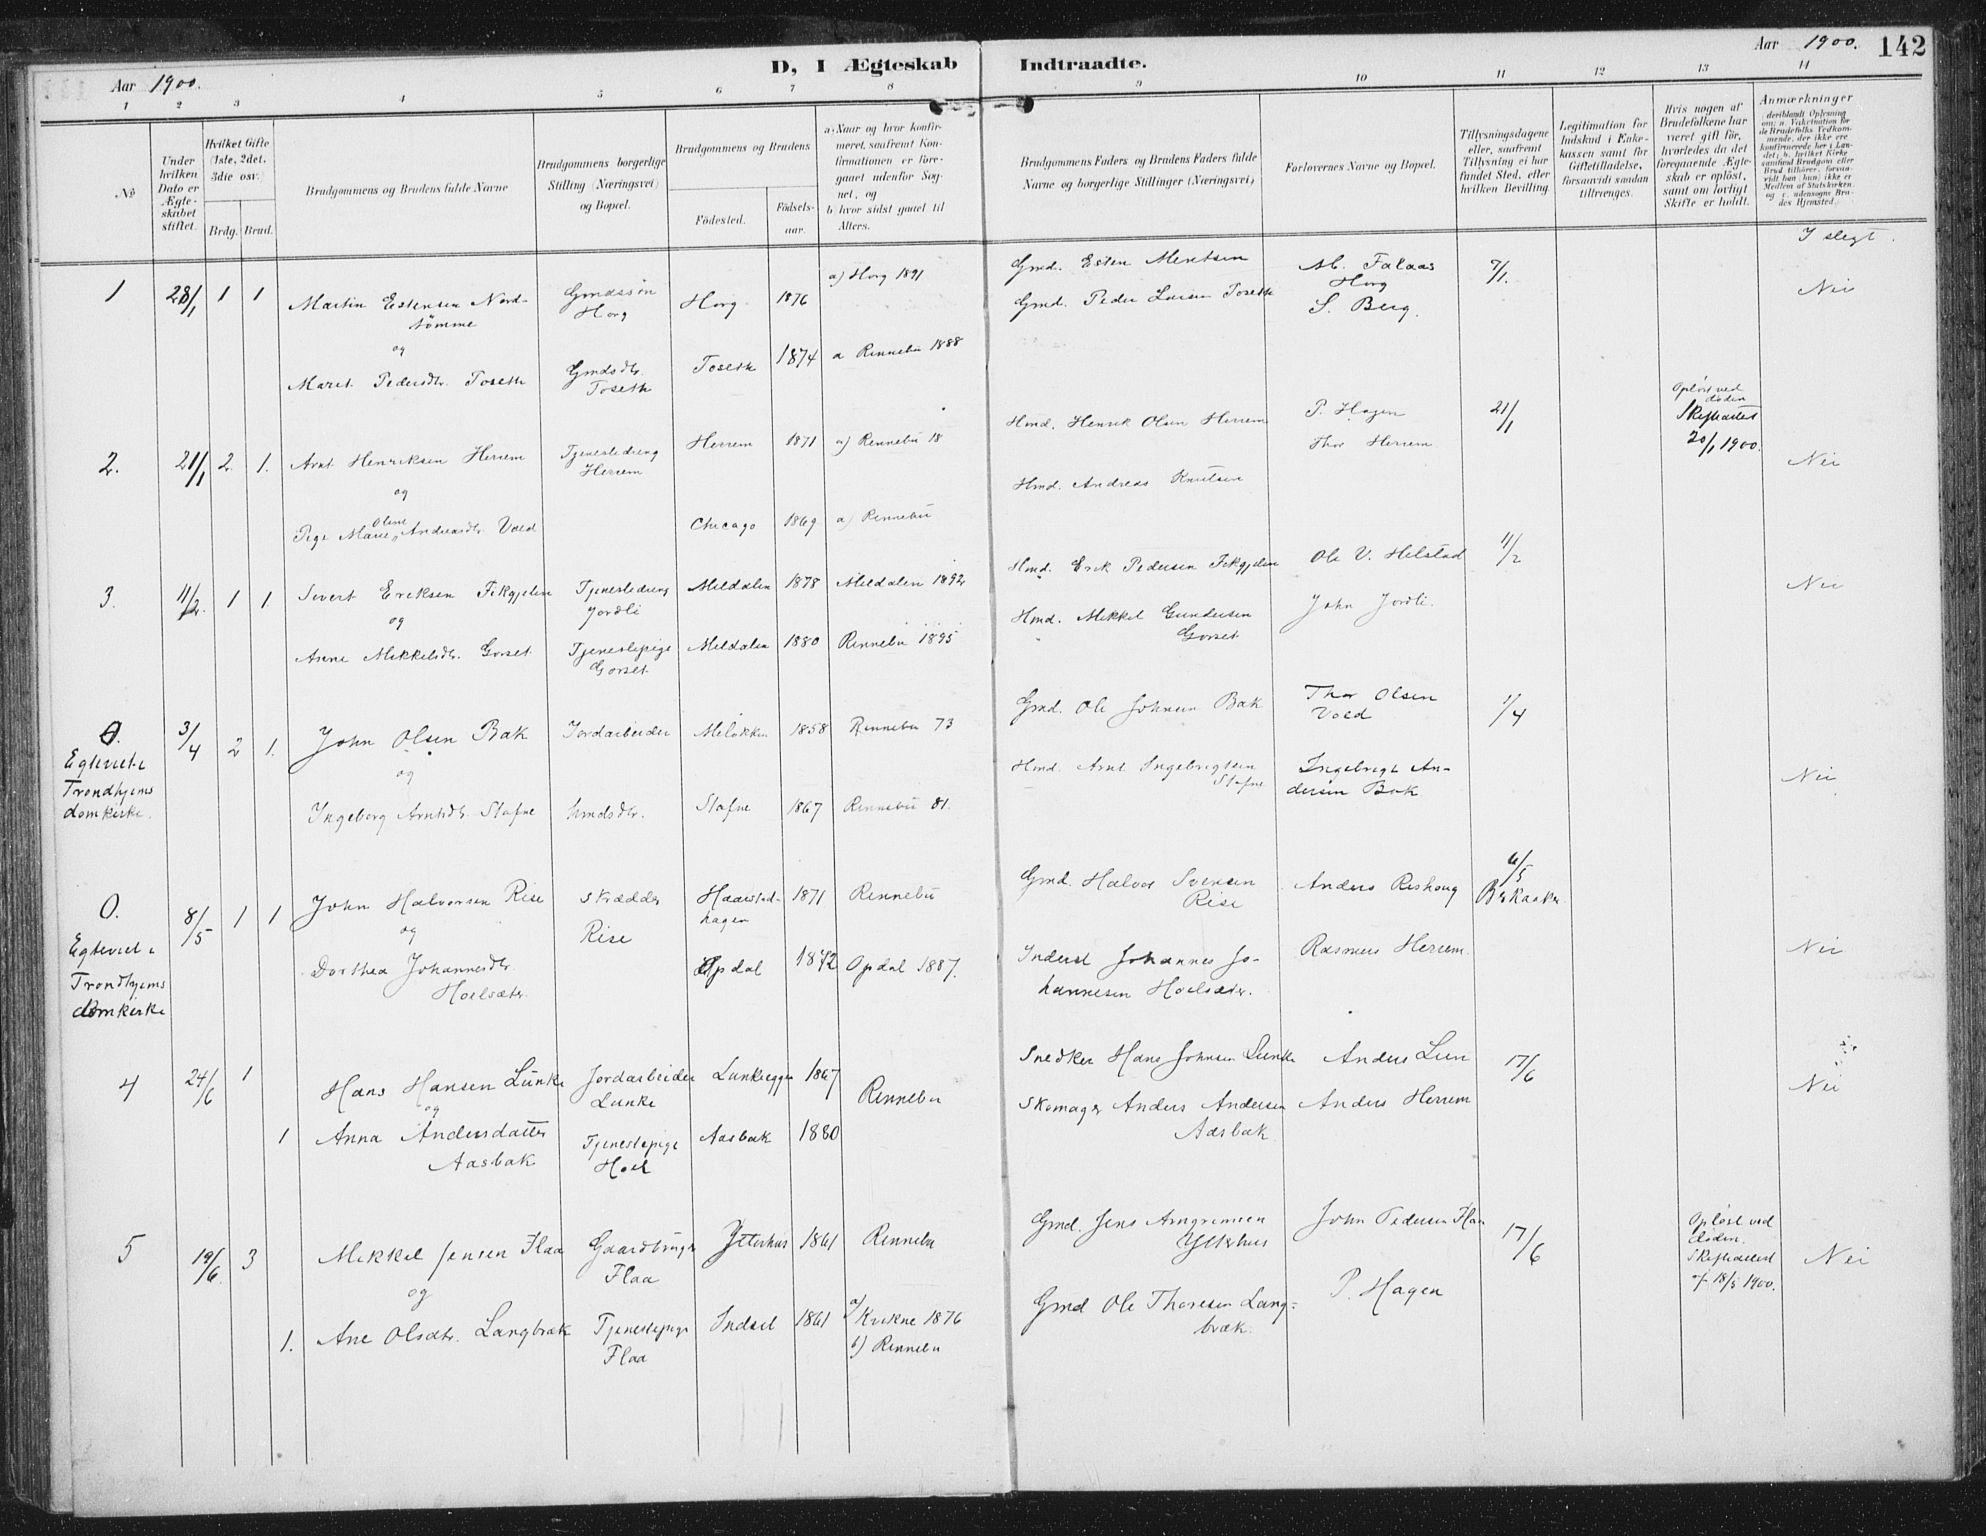 SAT, Ministerialprotokoller, klokkerbøker og fødselsregistre - Sør-Trøndelag, 674/L0872: Ministerialbok nr. 674A04, 1897-1907, s. 142